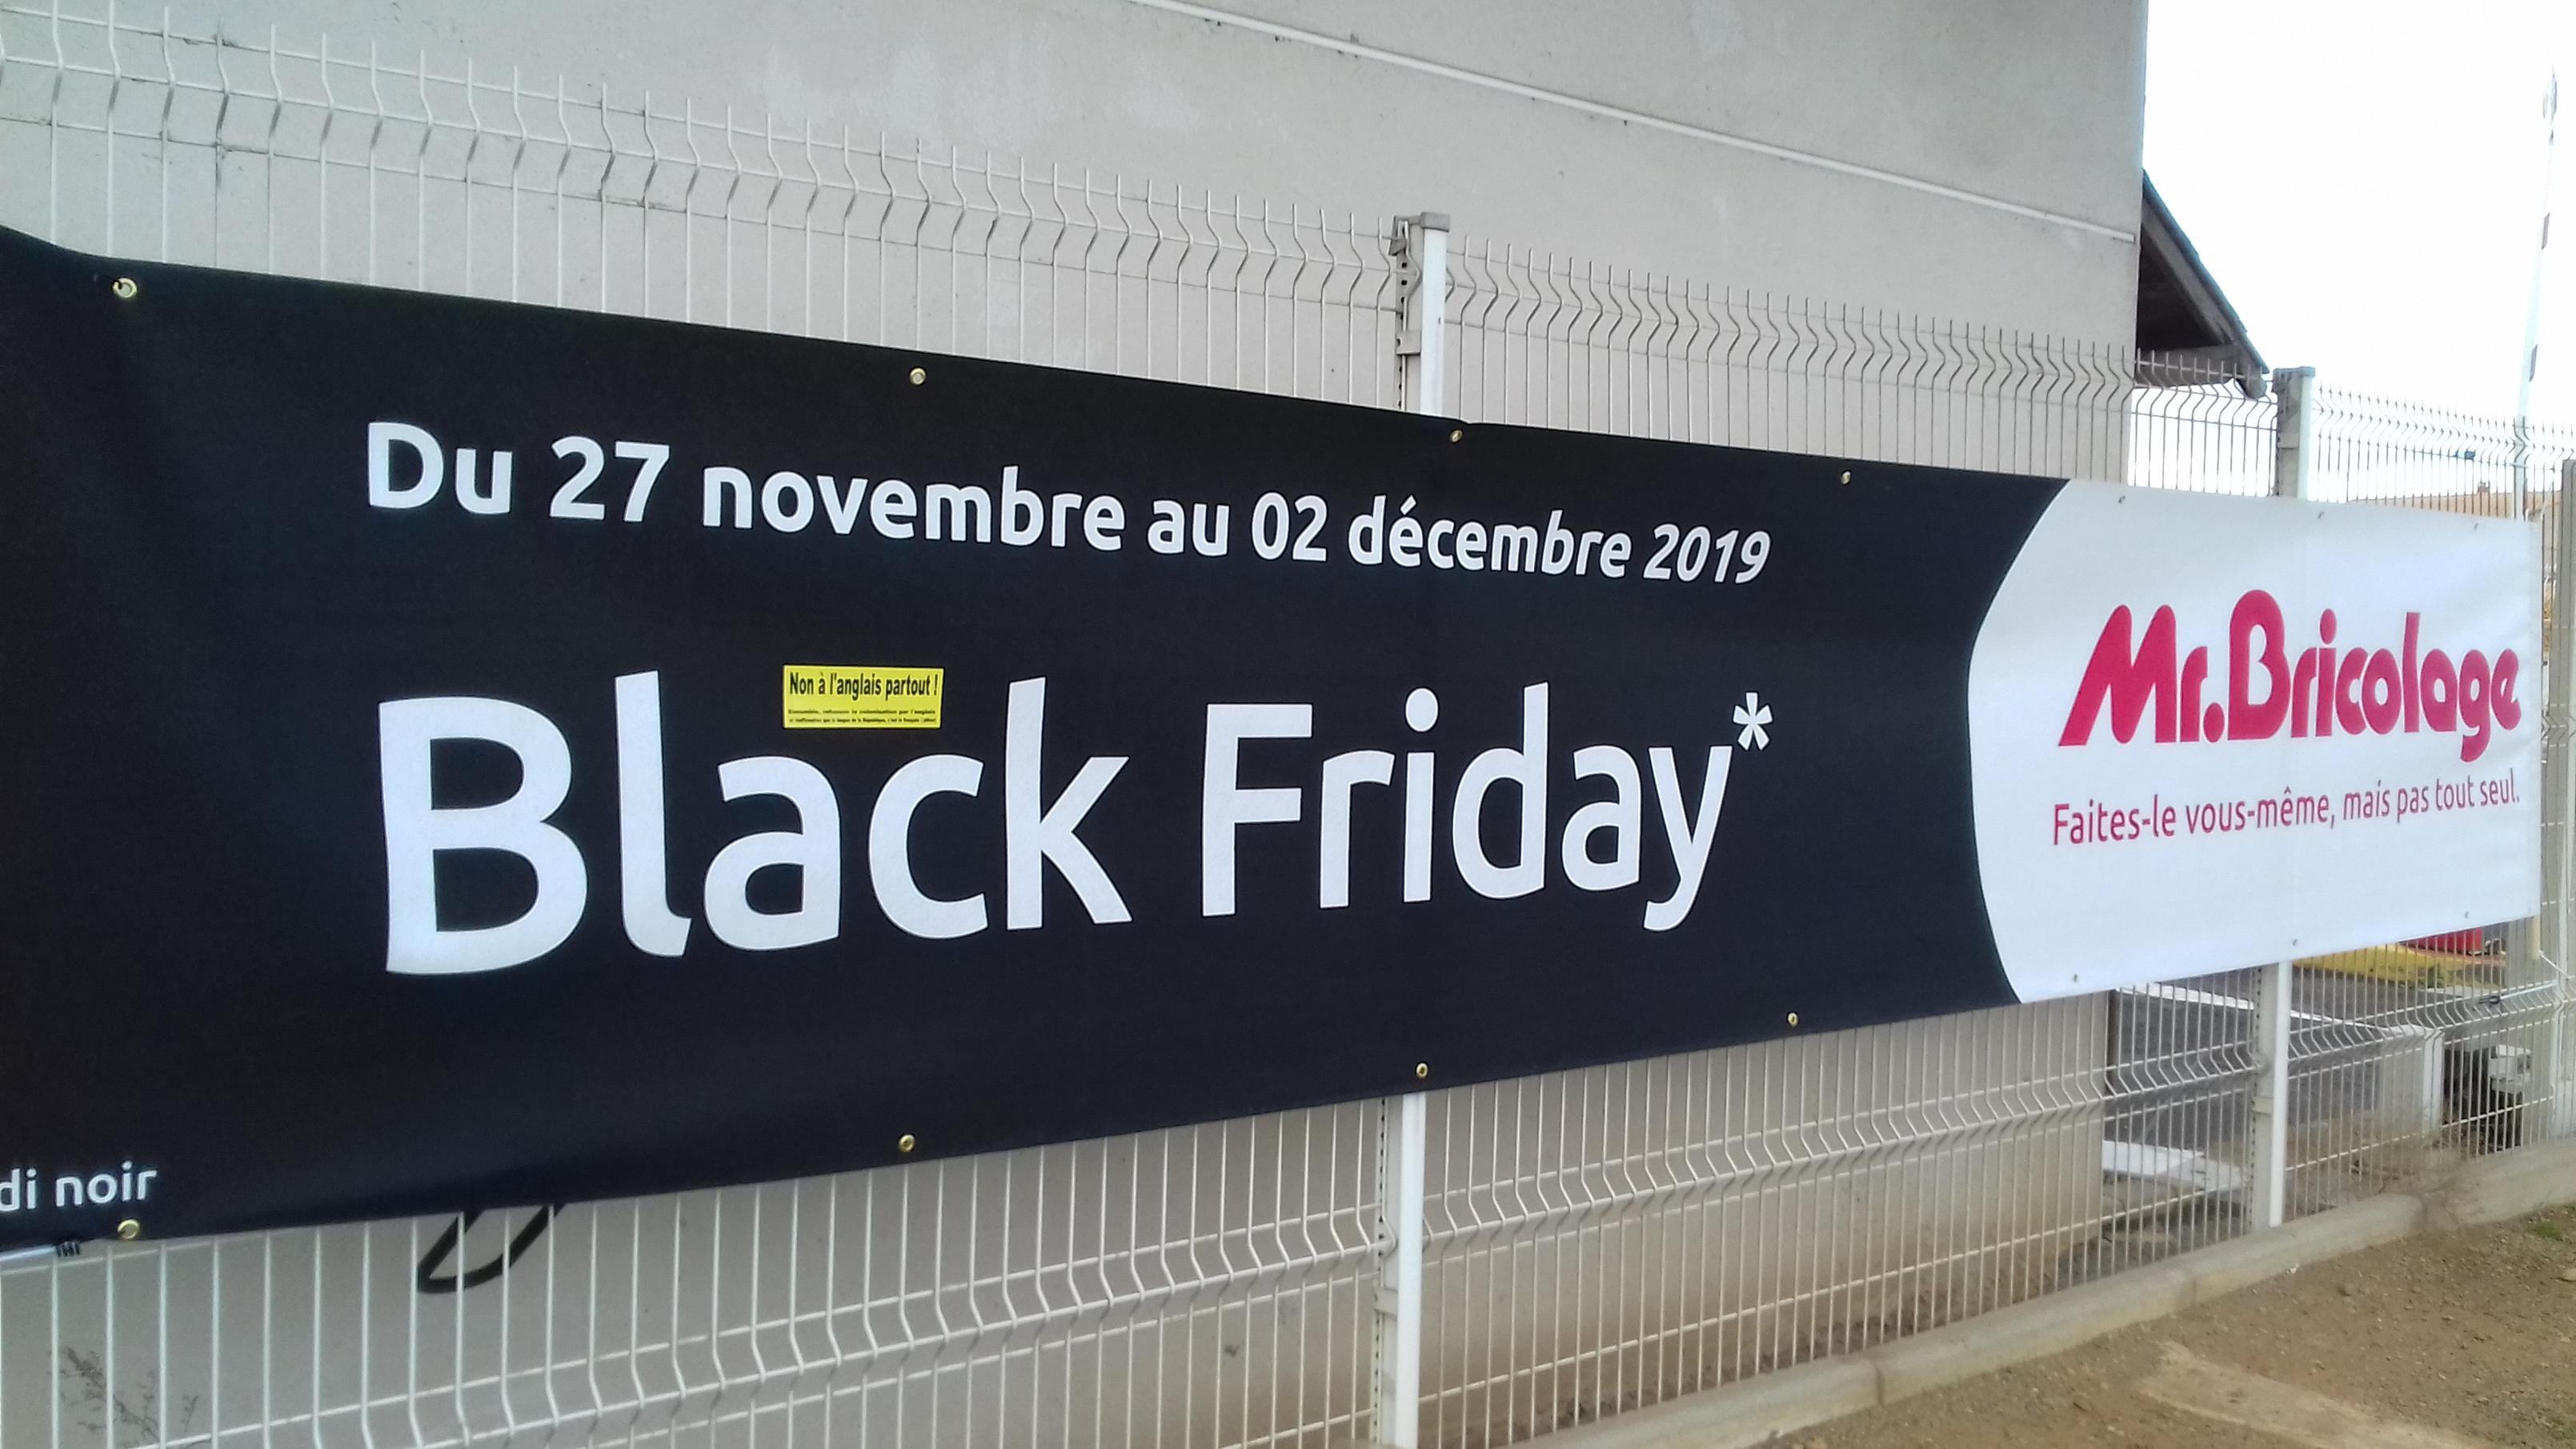 Monsieur Bricolage et le Black Friday